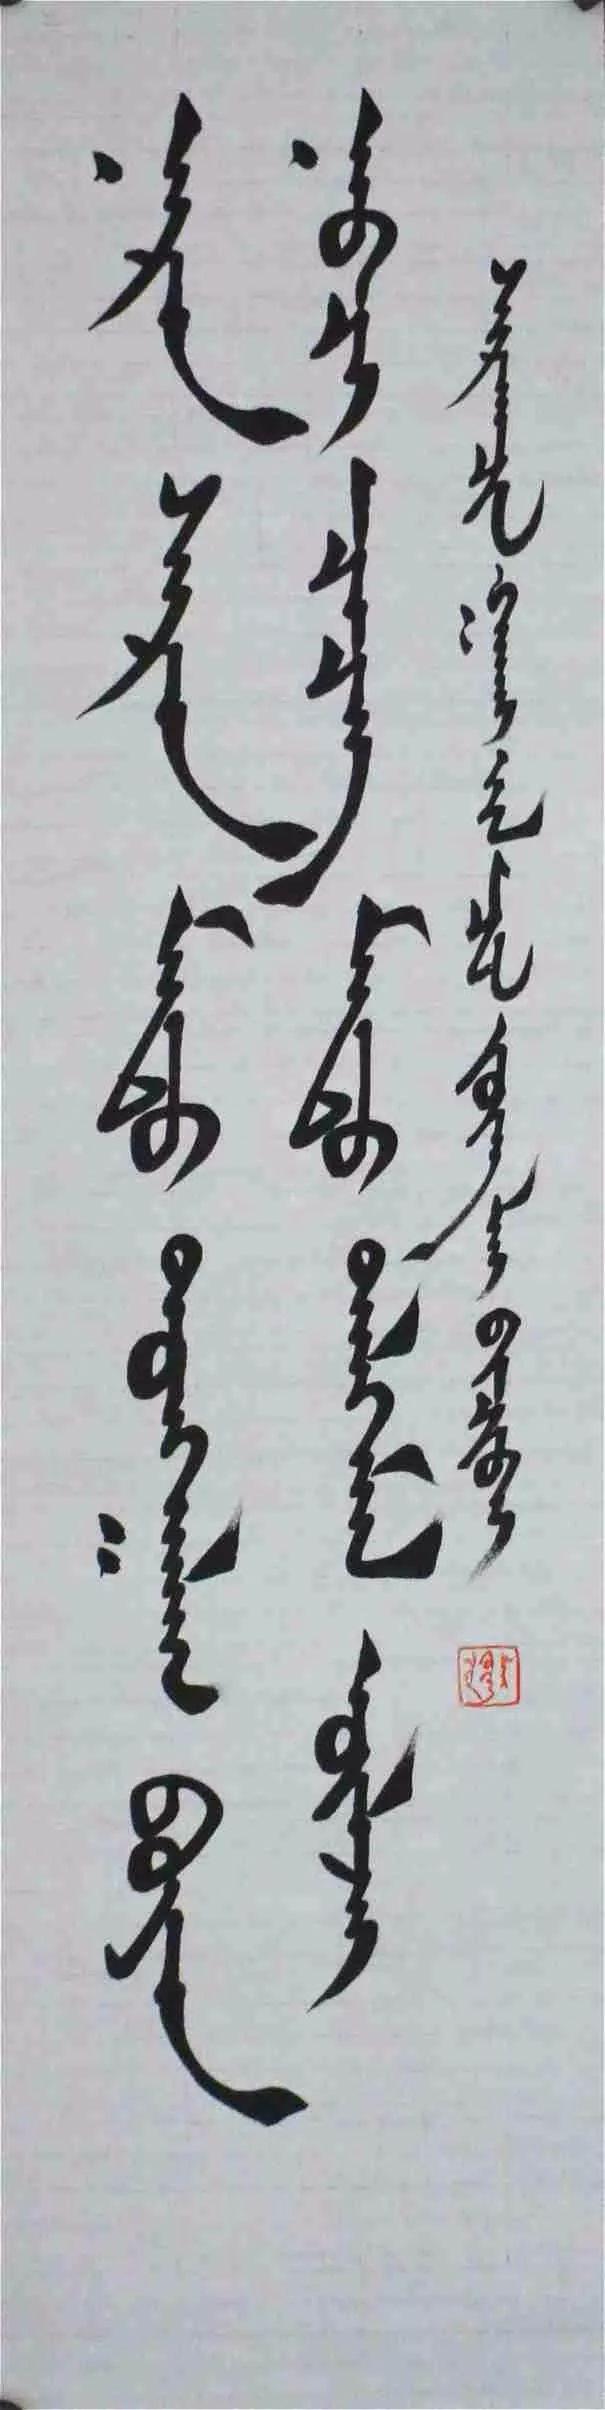 【好看】陈忠来书法作品欣赏 第24张 【好看】陈忠来书法作品欣赏 蒙古书法